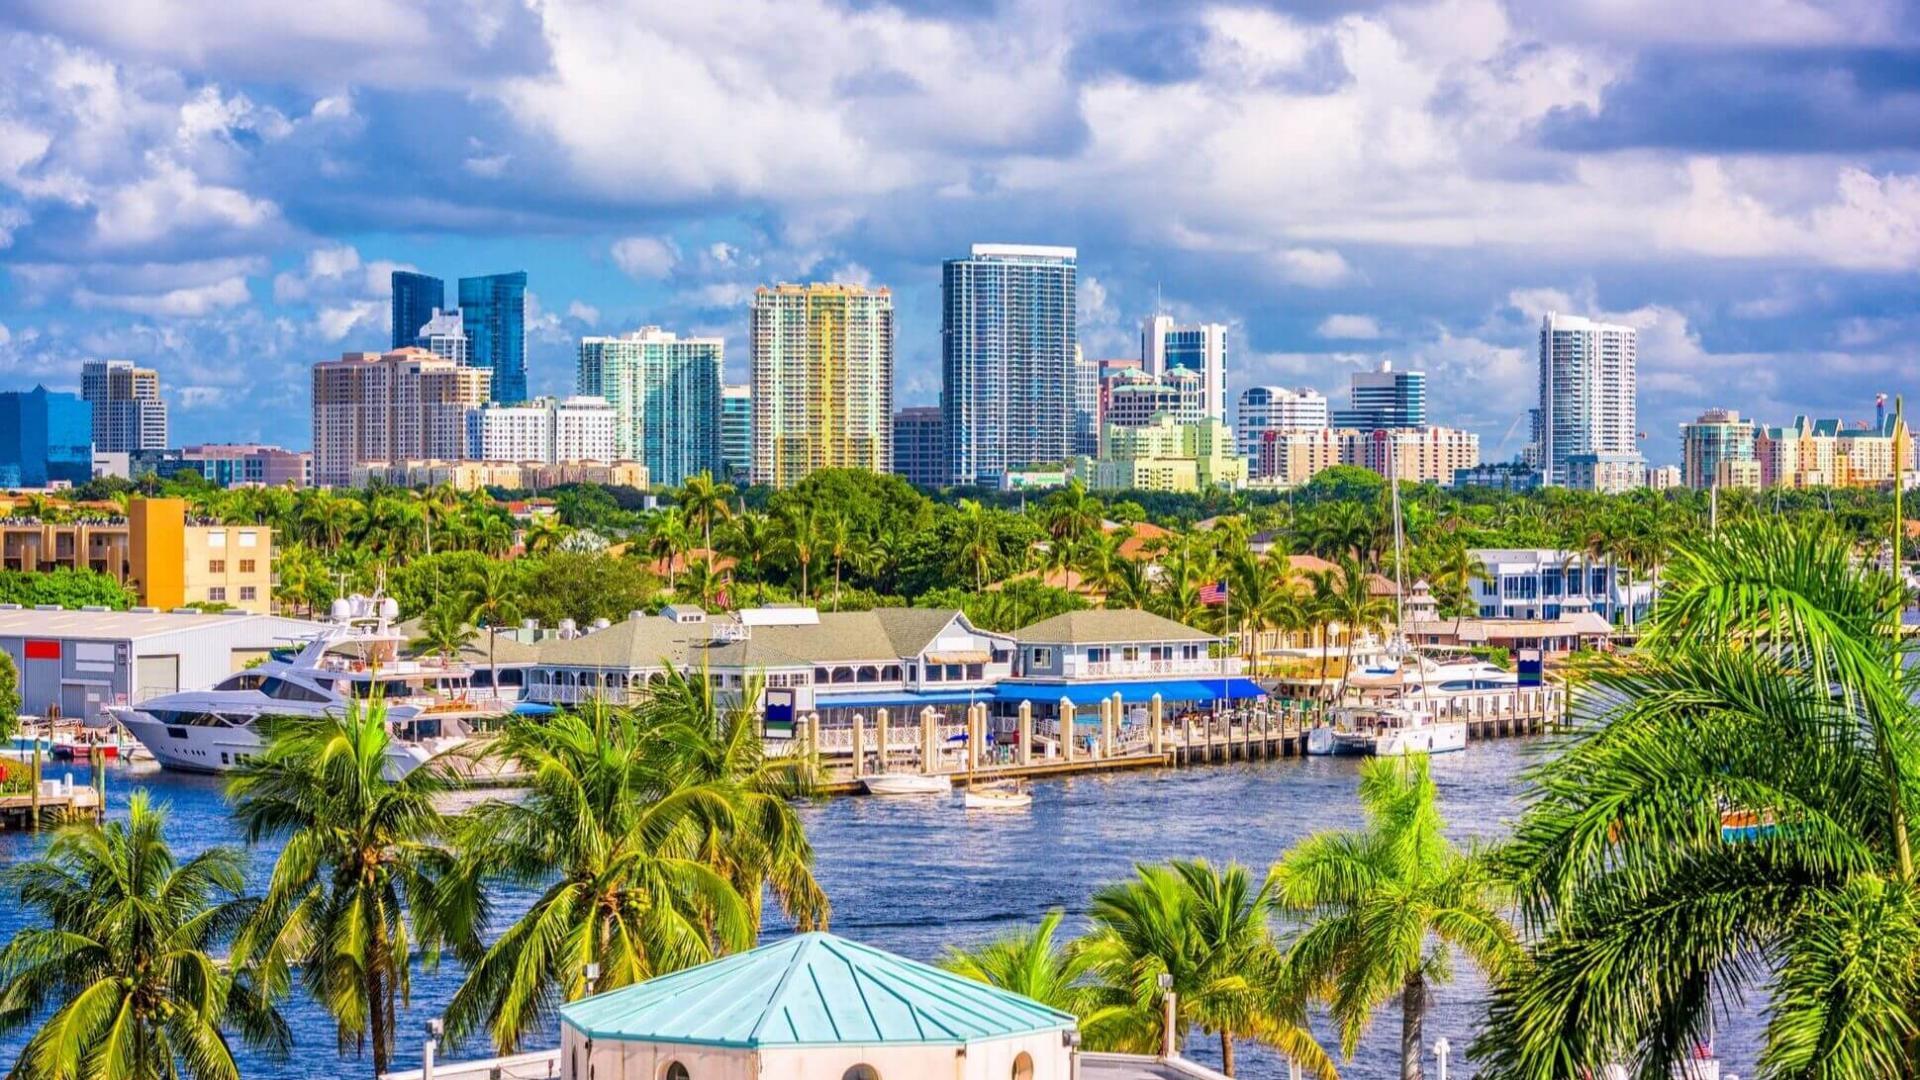 Kruizinę kelionę pradėsite ir baigsite Majamyje – paplūdimio ir Art Deco architektūros stiliaus rojuje